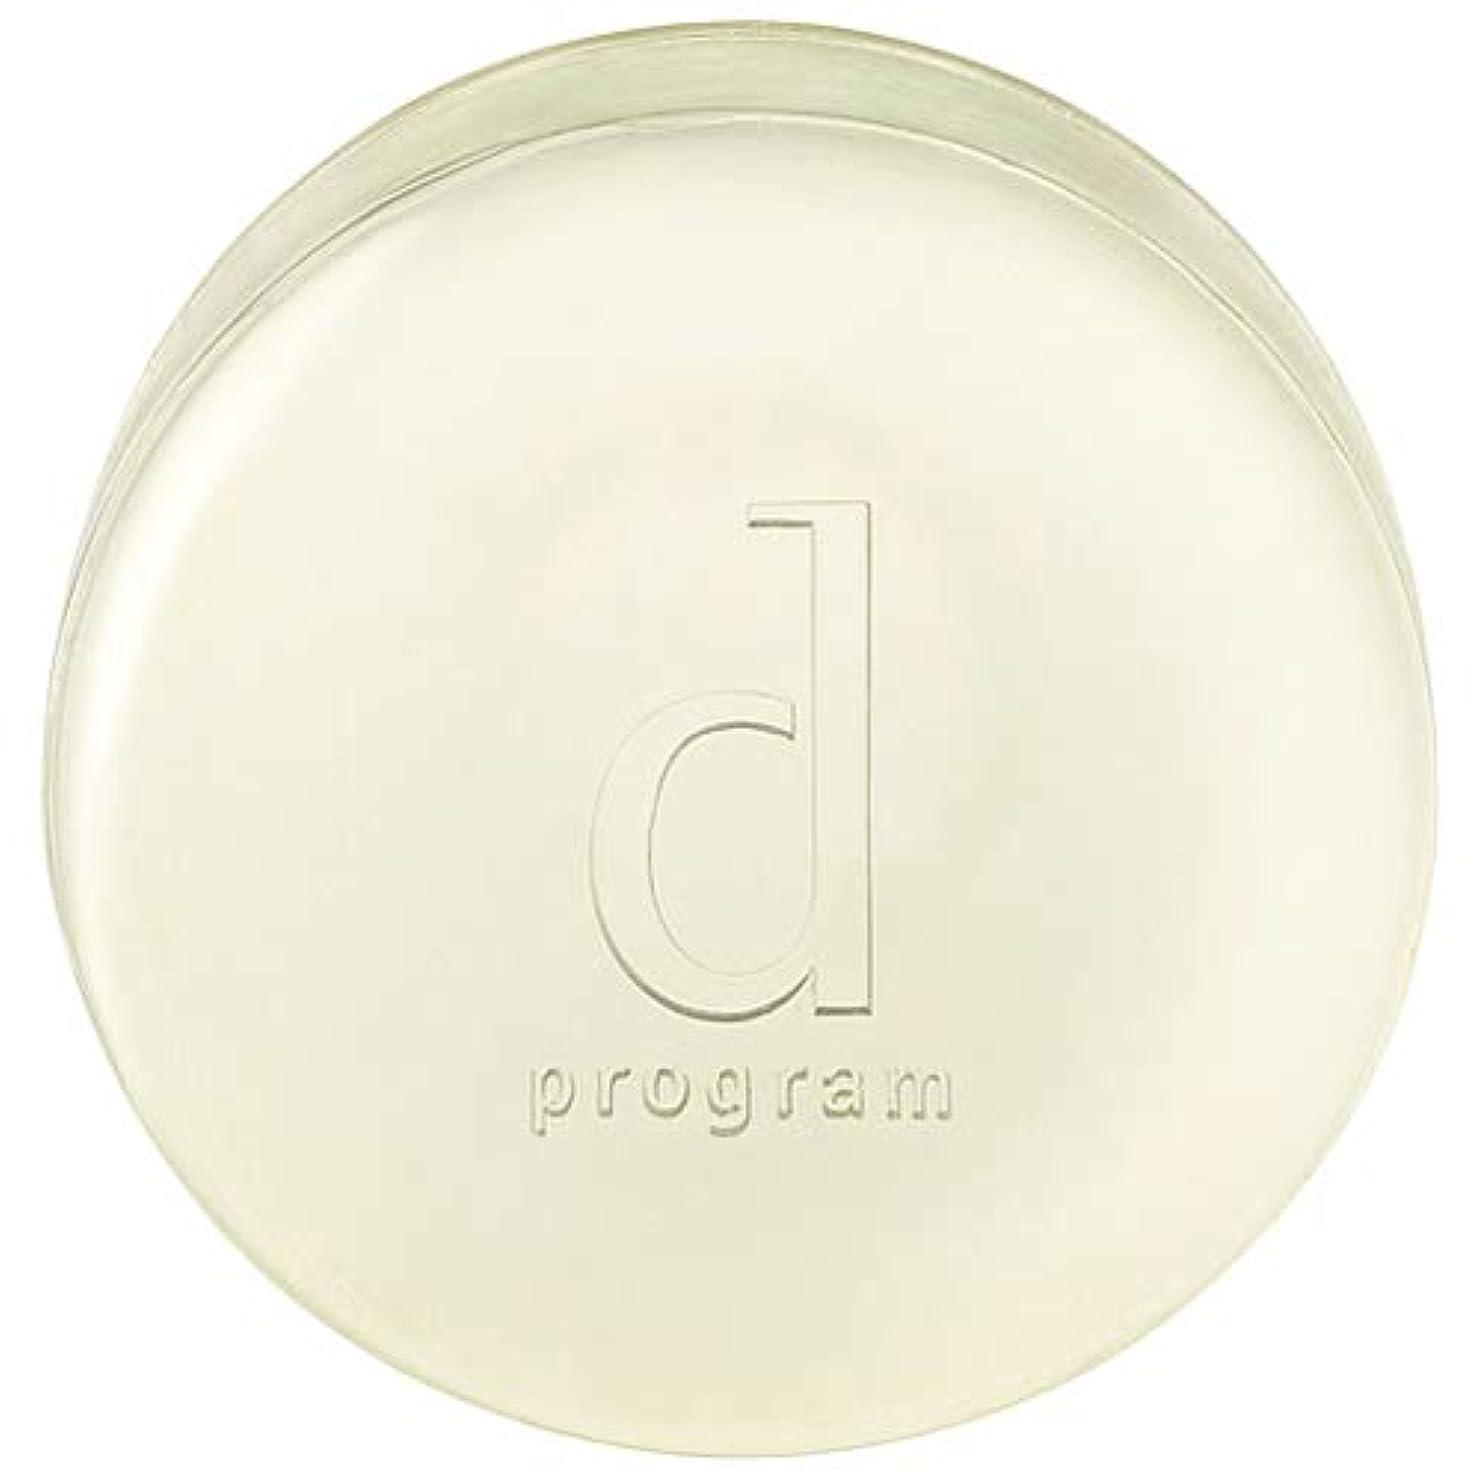 ベーカリー患者市民d program 資生堂 コンディショニングソープ 100g [366202] [並行輸入品]